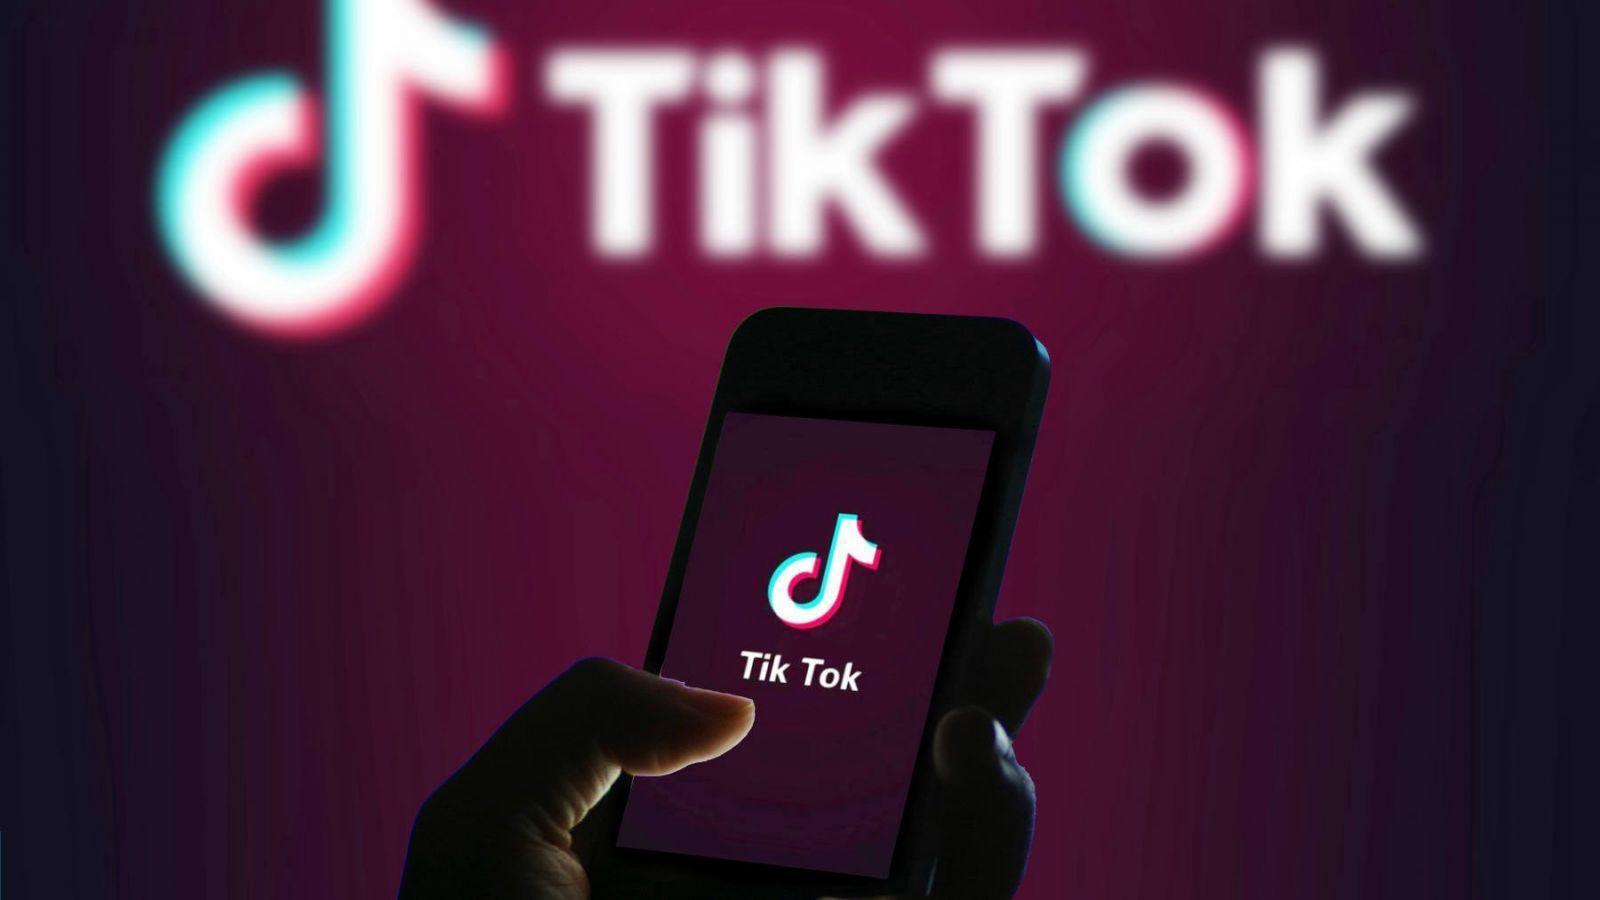 TikTok взломали разработчики, чтобы продемонстрировать проблемы безопасности (oro4s 3egn6nn74pfpu9aekmrsc)